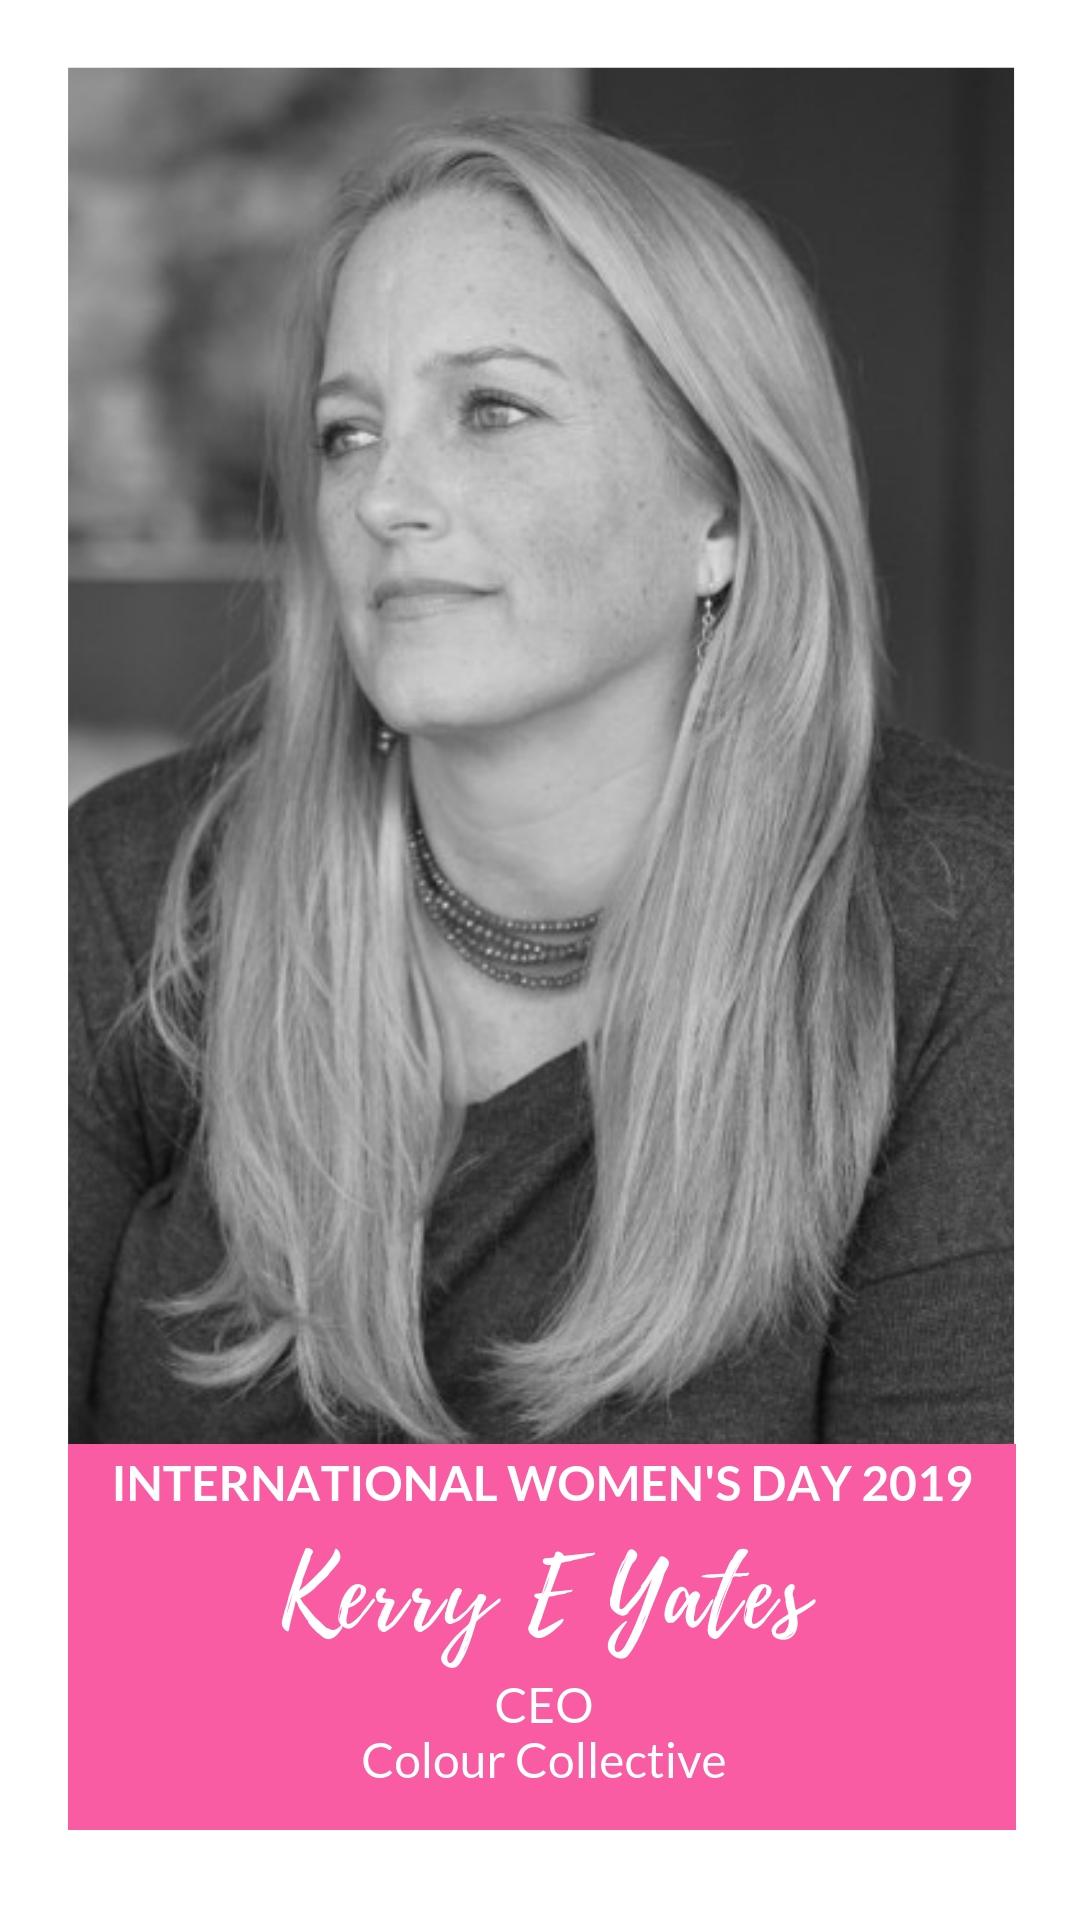 International Women's Day - Kerry E Yates